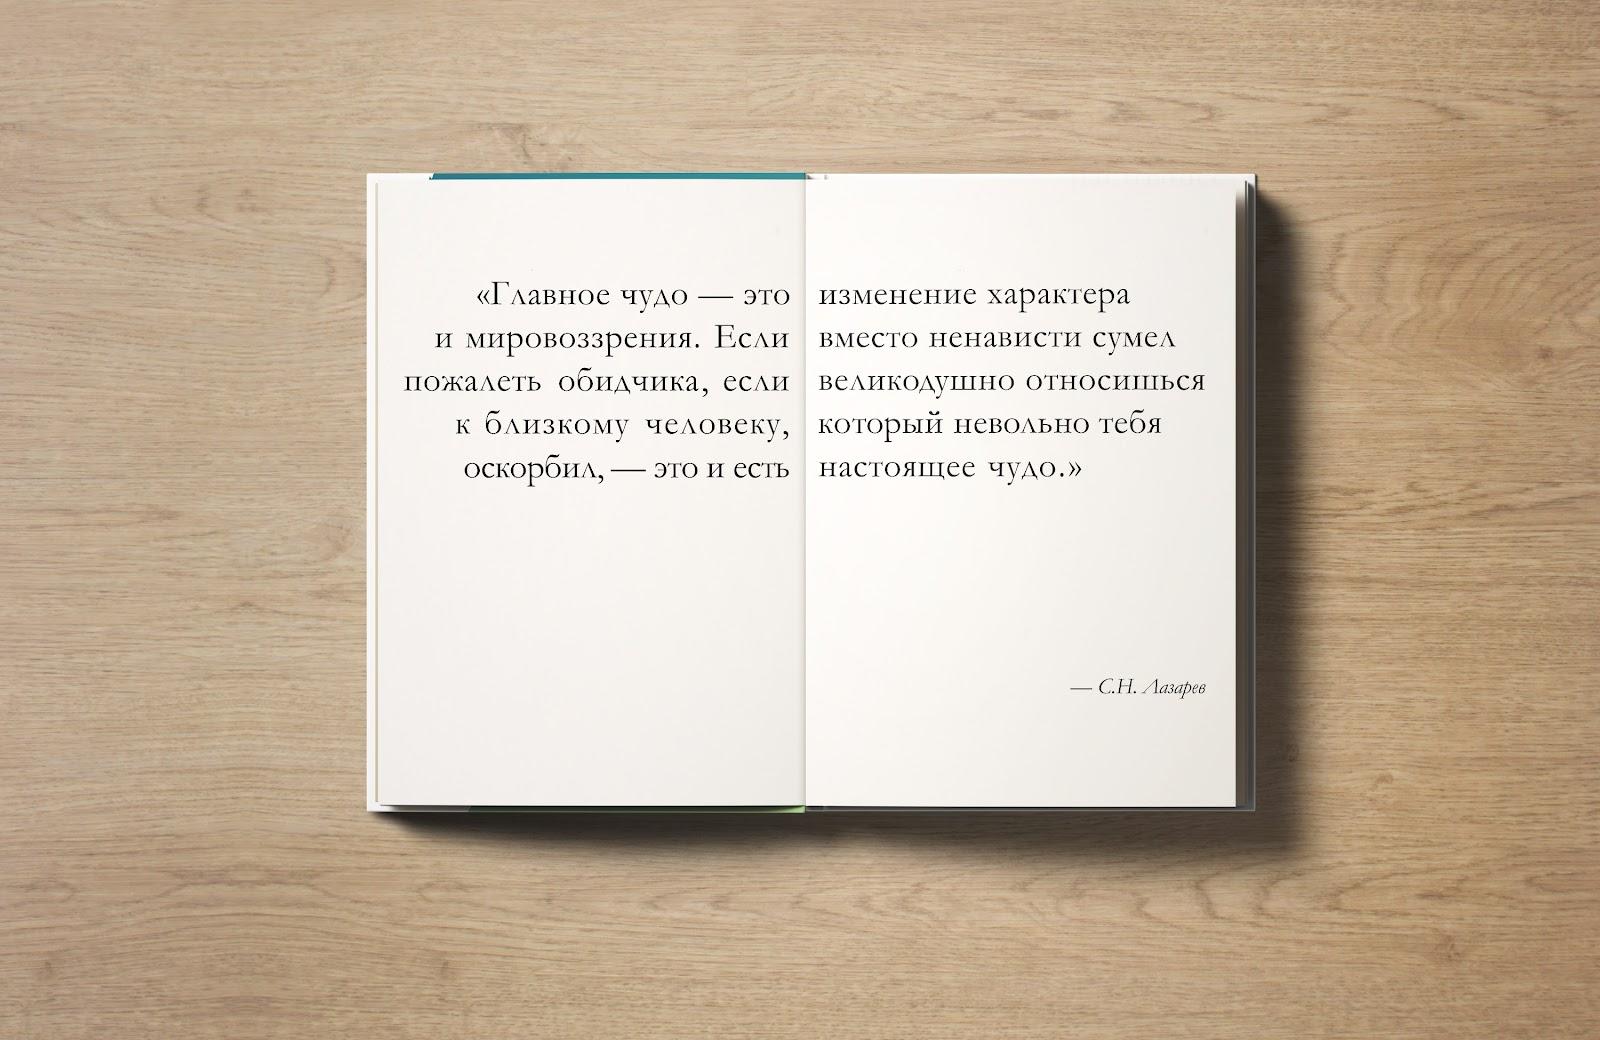 book_template7_2.jpg